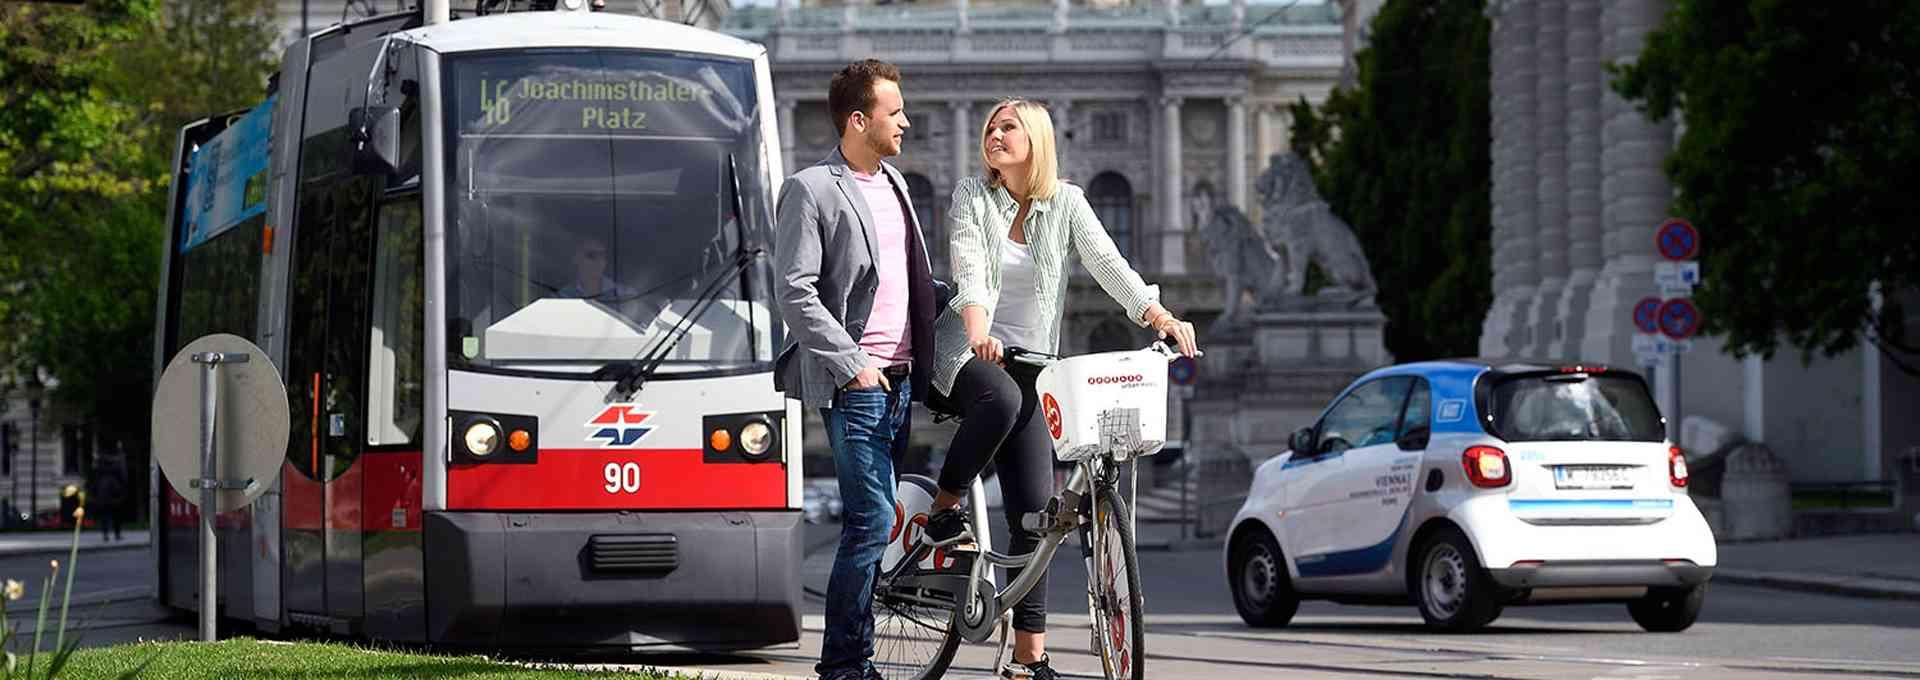 WienMobil - mit einer App die Stadt im Griff.